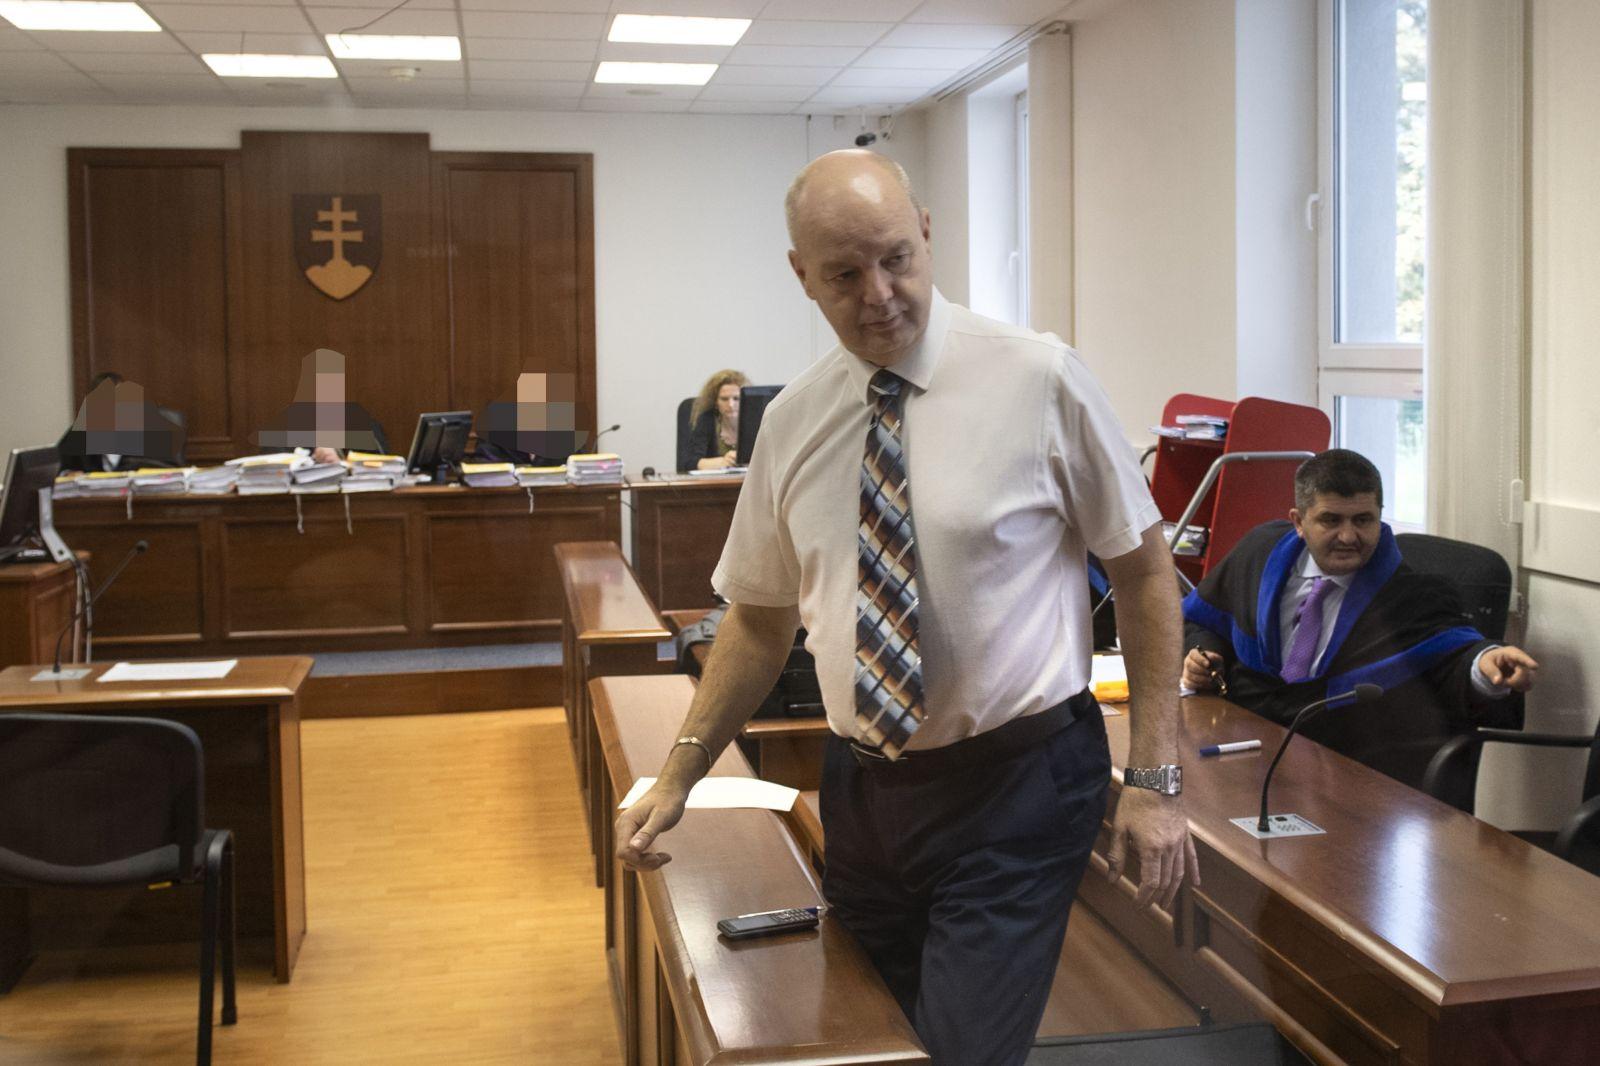 5 vecí, ktoré by si mal vedieť o kauze Zmenky: Ako chceli Marian Kočner a Pavol Rusko ukradnúť 69 miliónov eur od Markízy